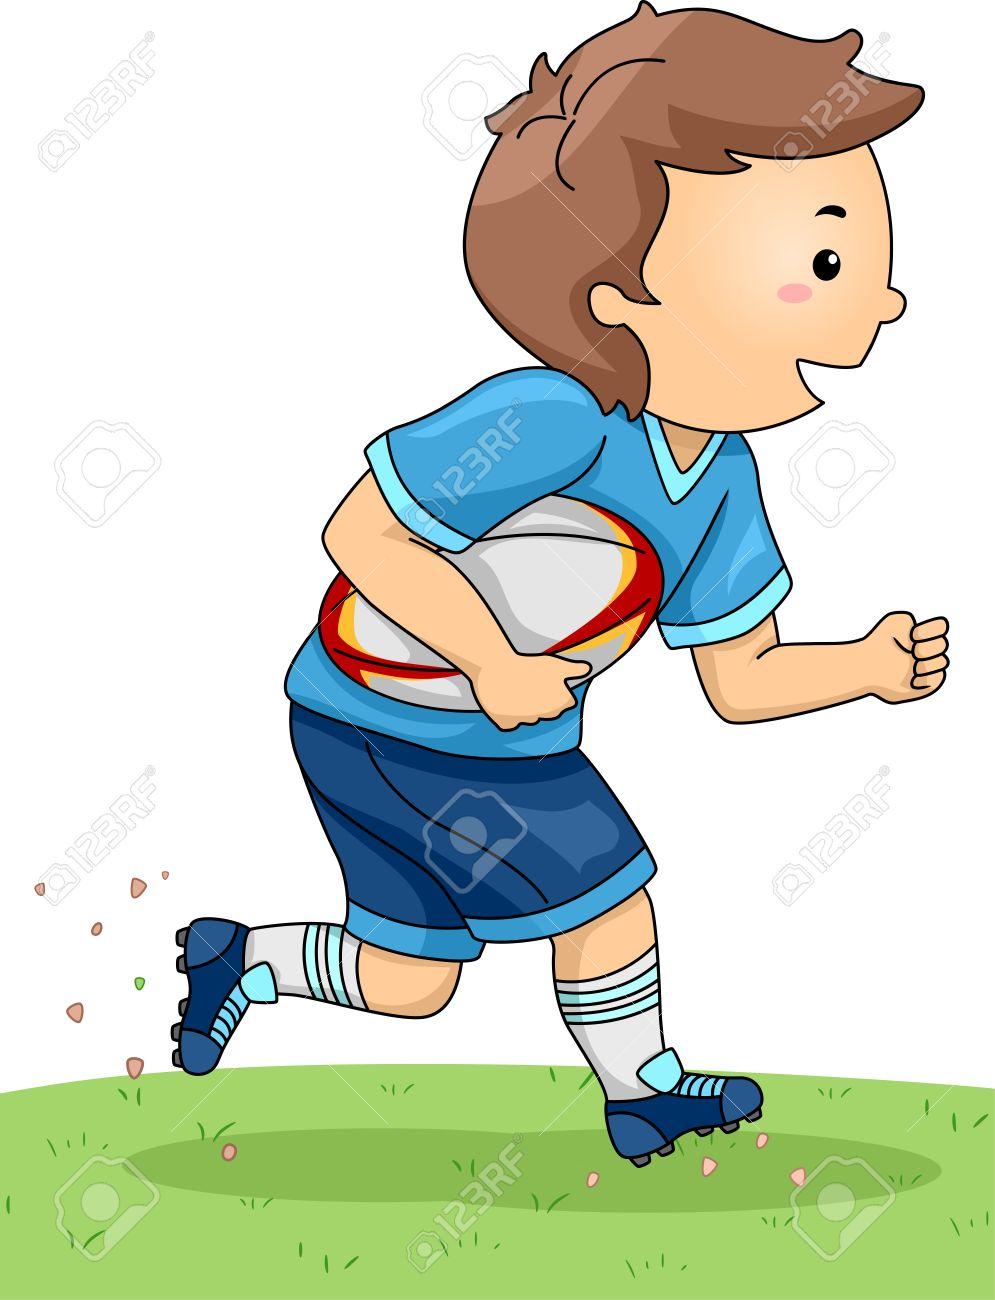 フィールドを渡って動くラグビー ギアに身を包んだ少年のイラストの